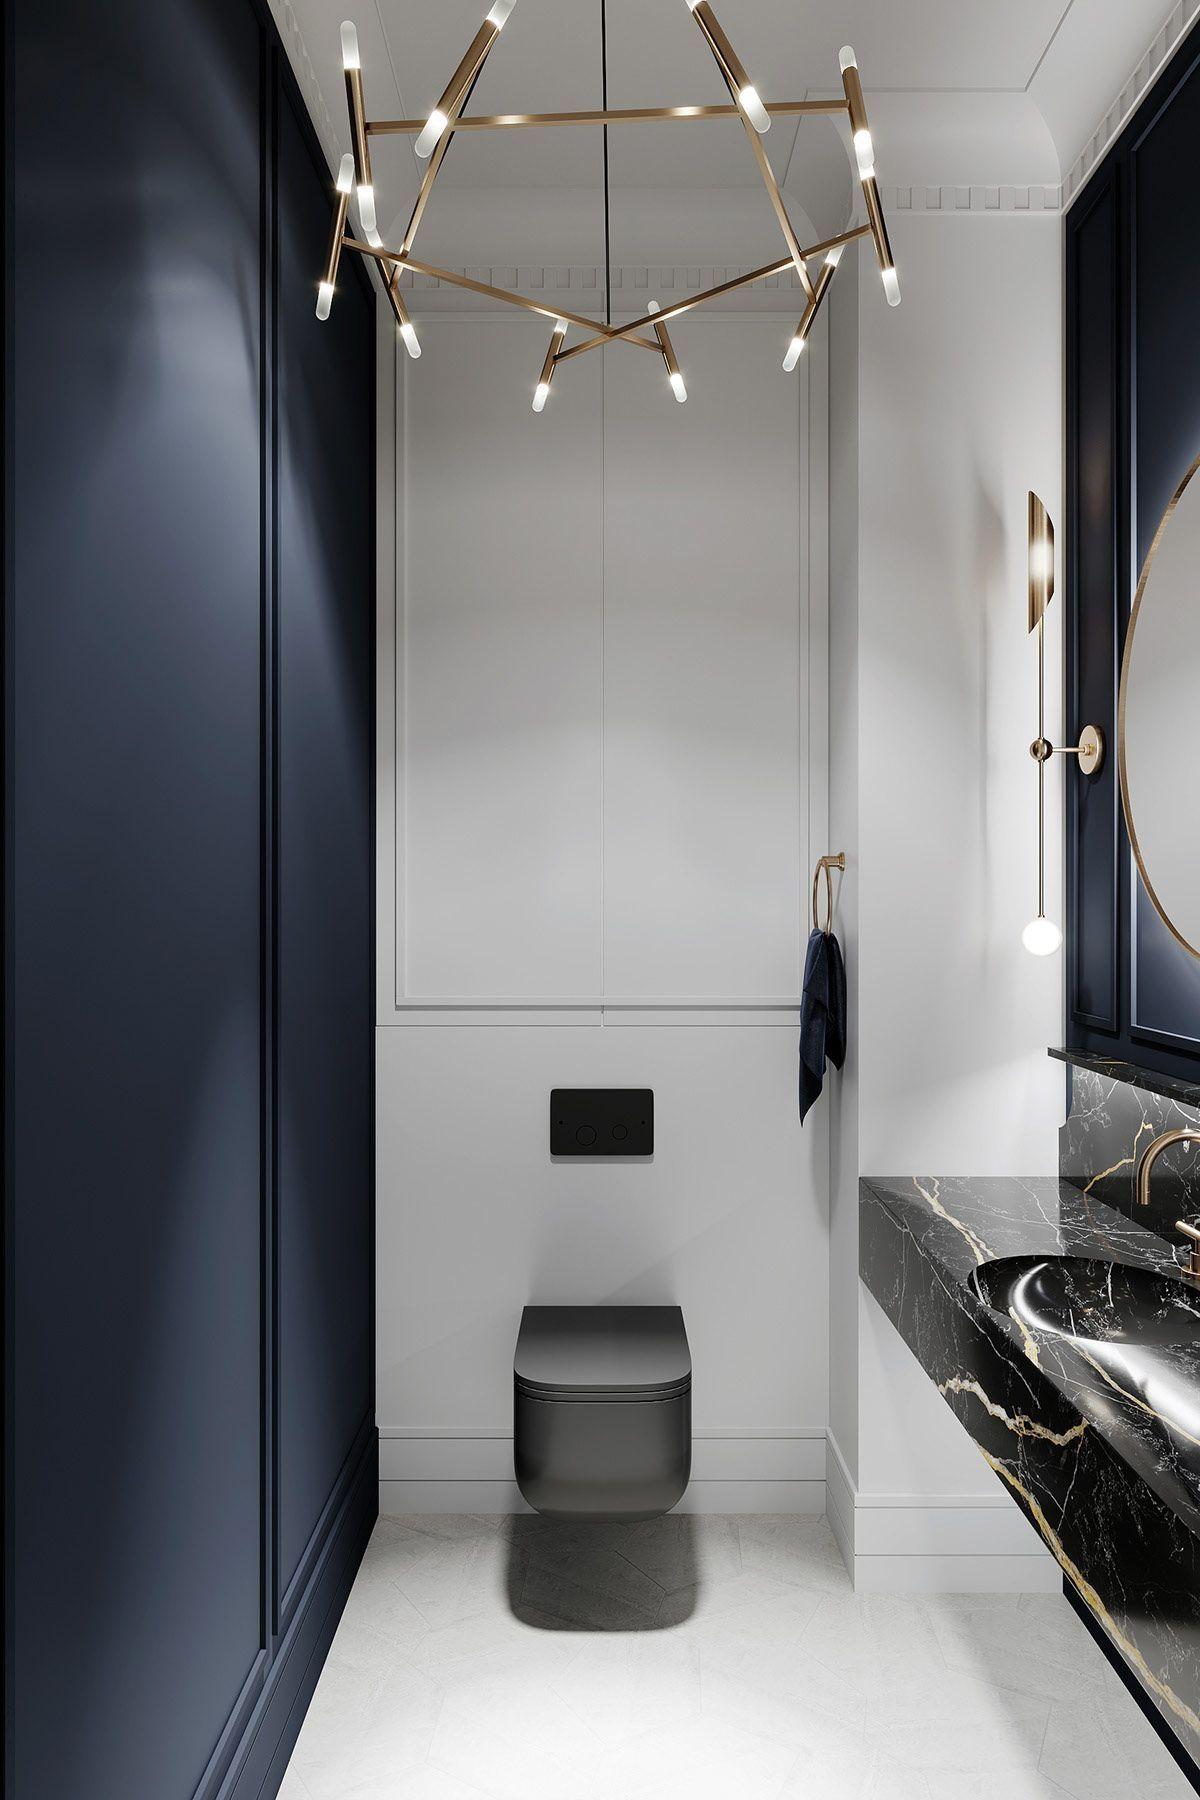 Pin Von Fps Architecture Auf Interior Bad In 2020 Inneneinrichtung Apartments Haus Interieu Design Wohnungseinrichtung